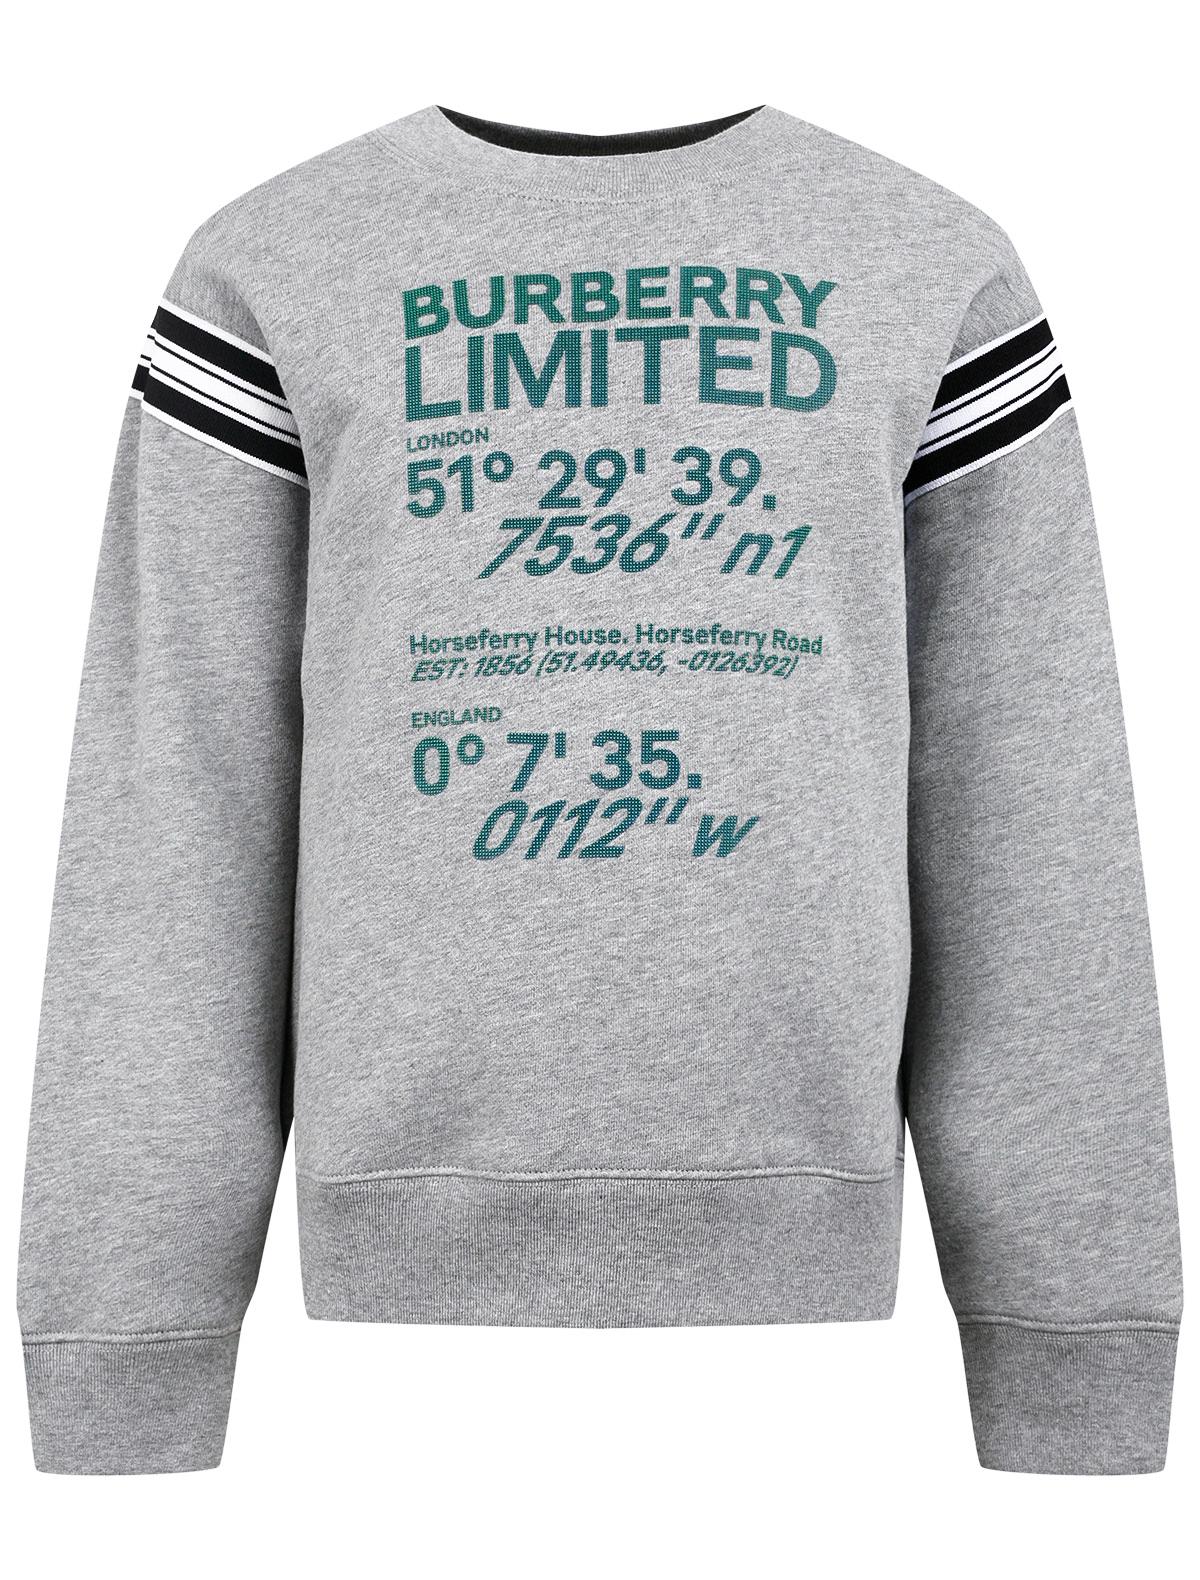 Купить 2310086, Свитшот Burberry, серый, Мужской, 0084519171451